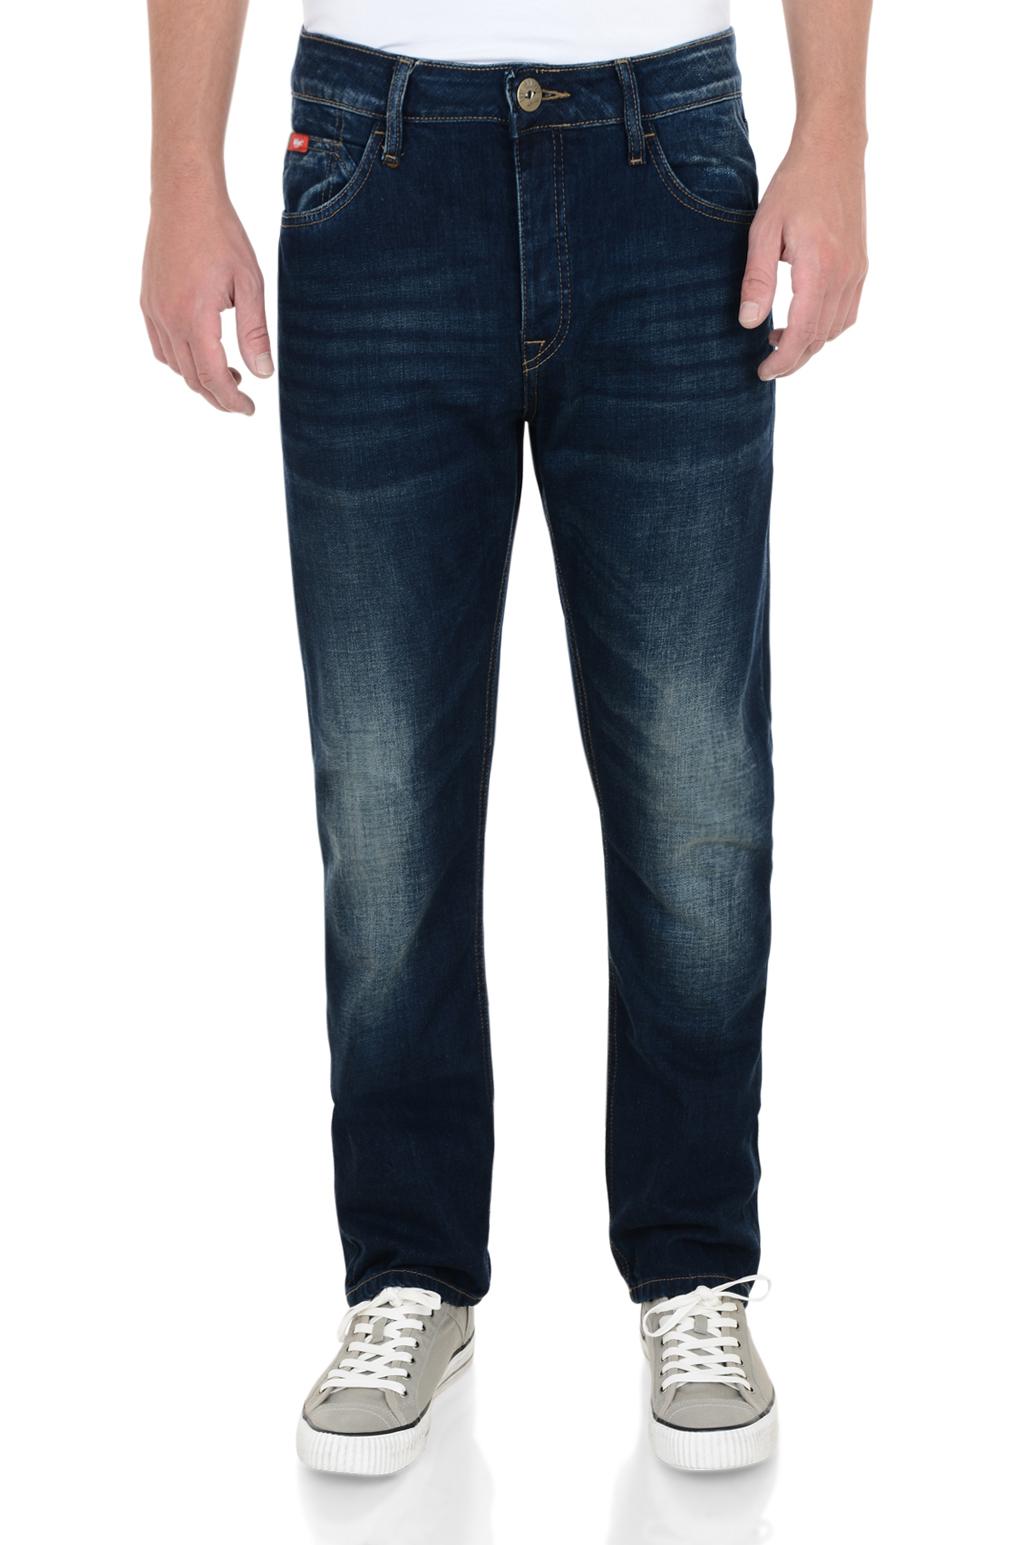 lee cooper fashion jeans men s new straight fit vintage faded denim pants harry ebay. Black Bedroom Furniture Sets. Home Design Ideas